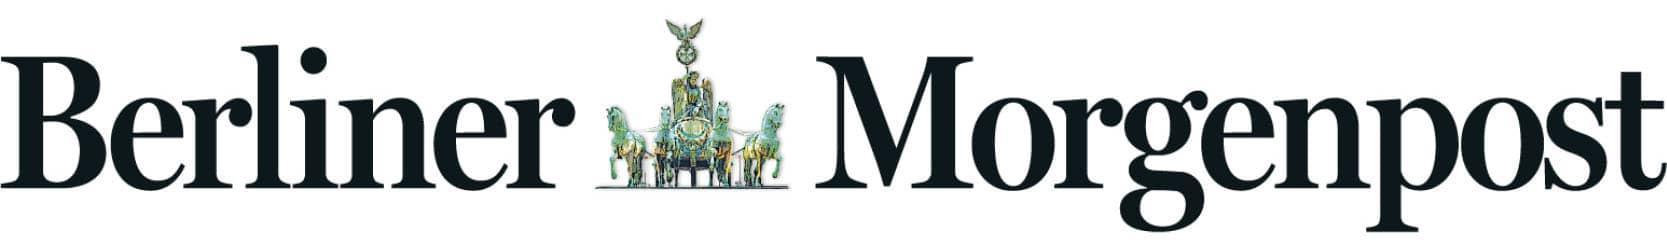 Berliner-Morgenpost logo